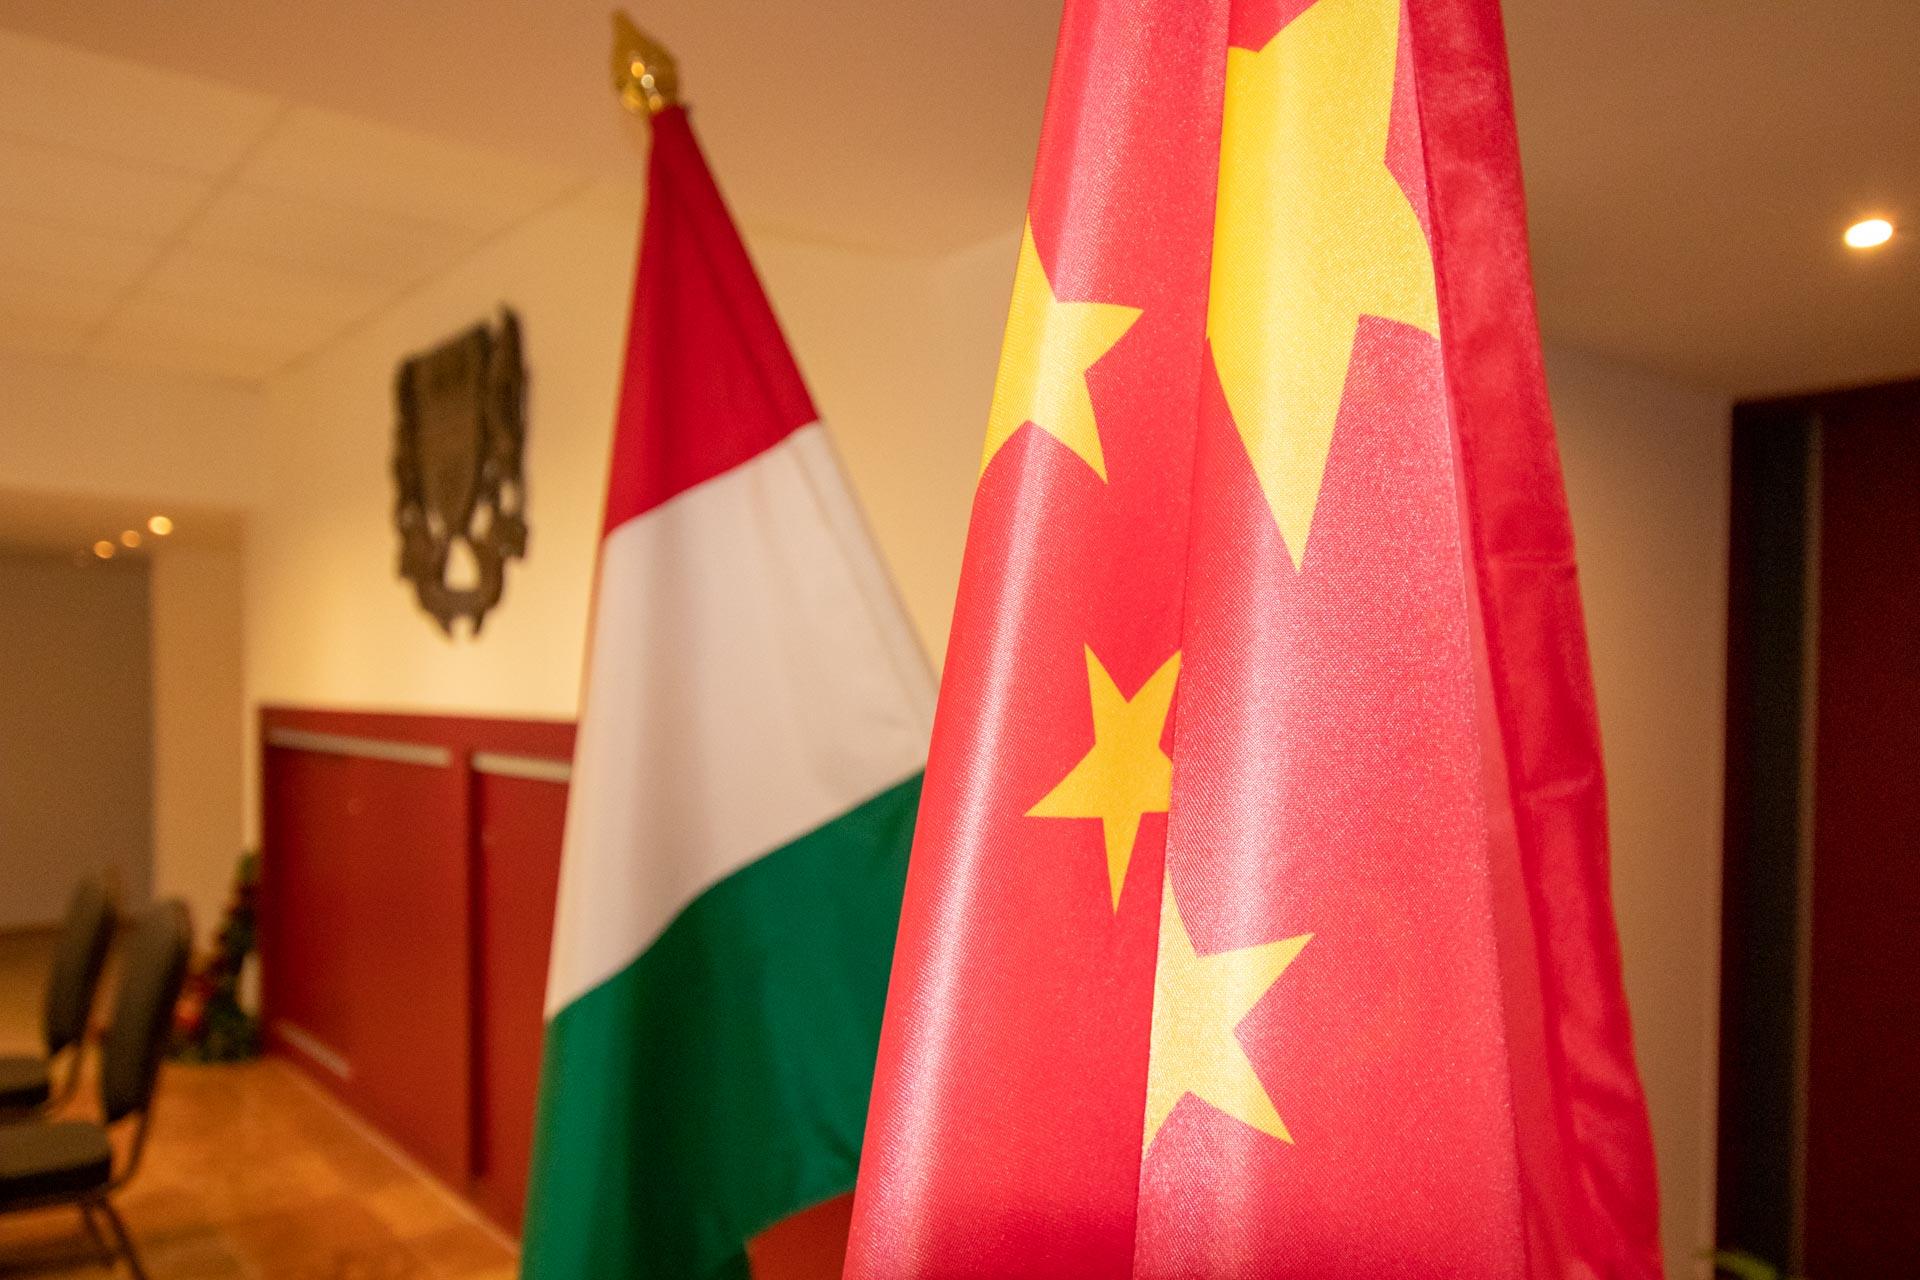 Kínai delegáció látogatása Kazincbarcikán